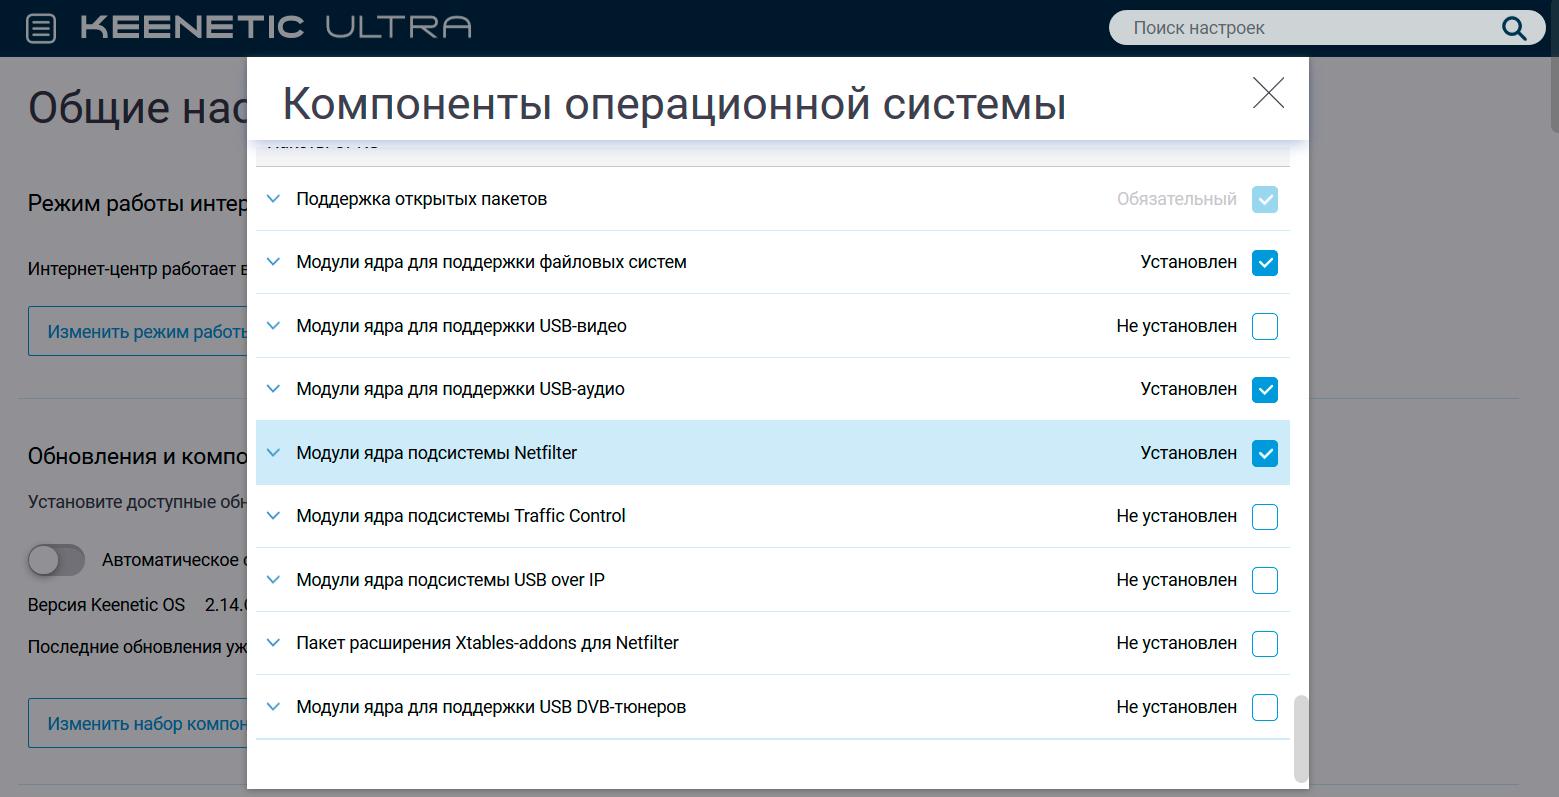 Выборочный обход блокировок на маршрутизаторах с прошивкой